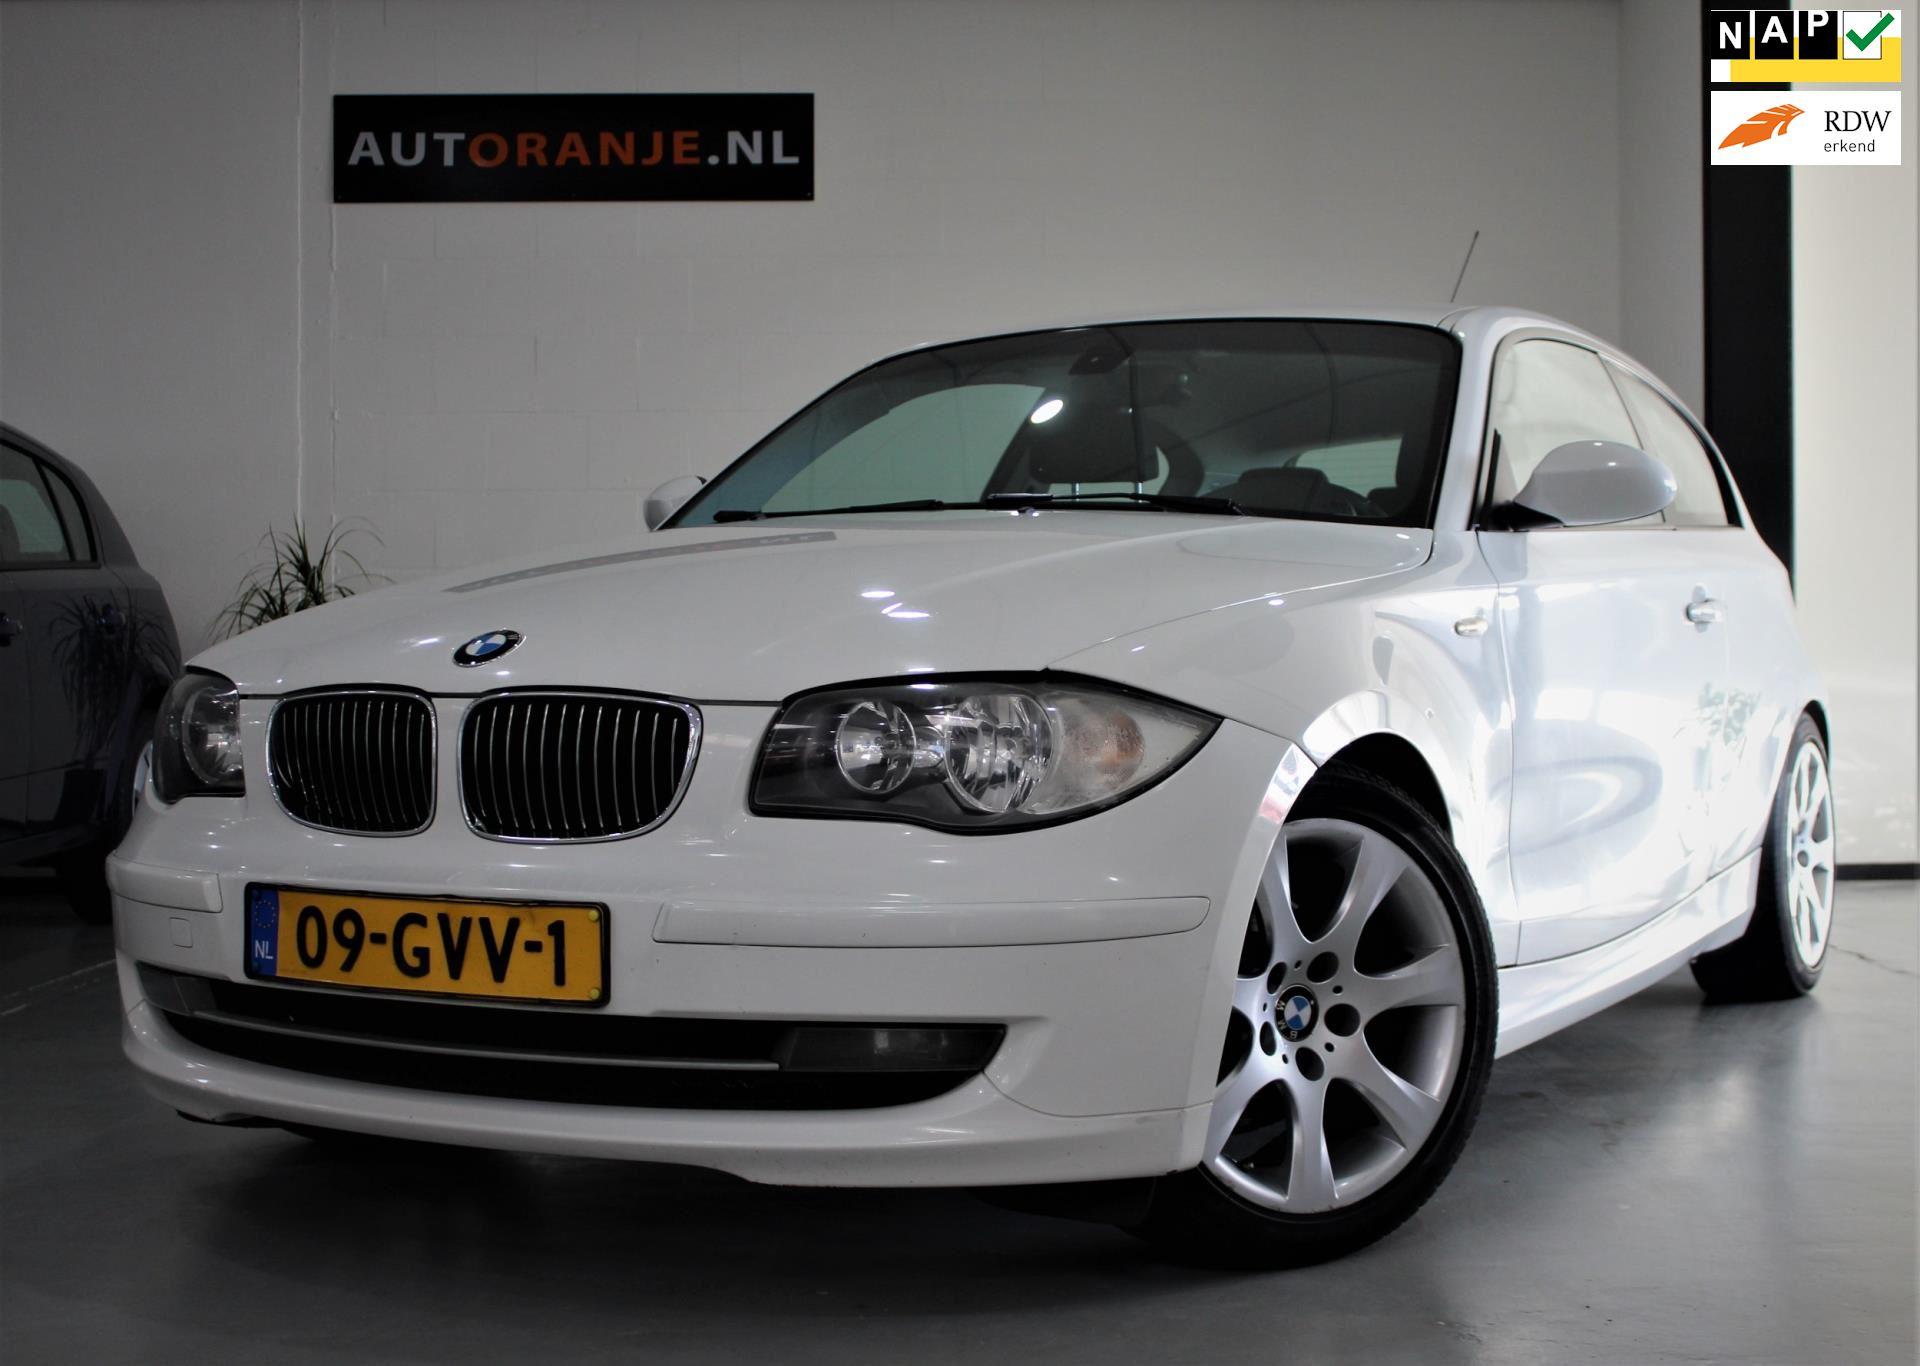 BMW 1-serie occasion - Autoranje